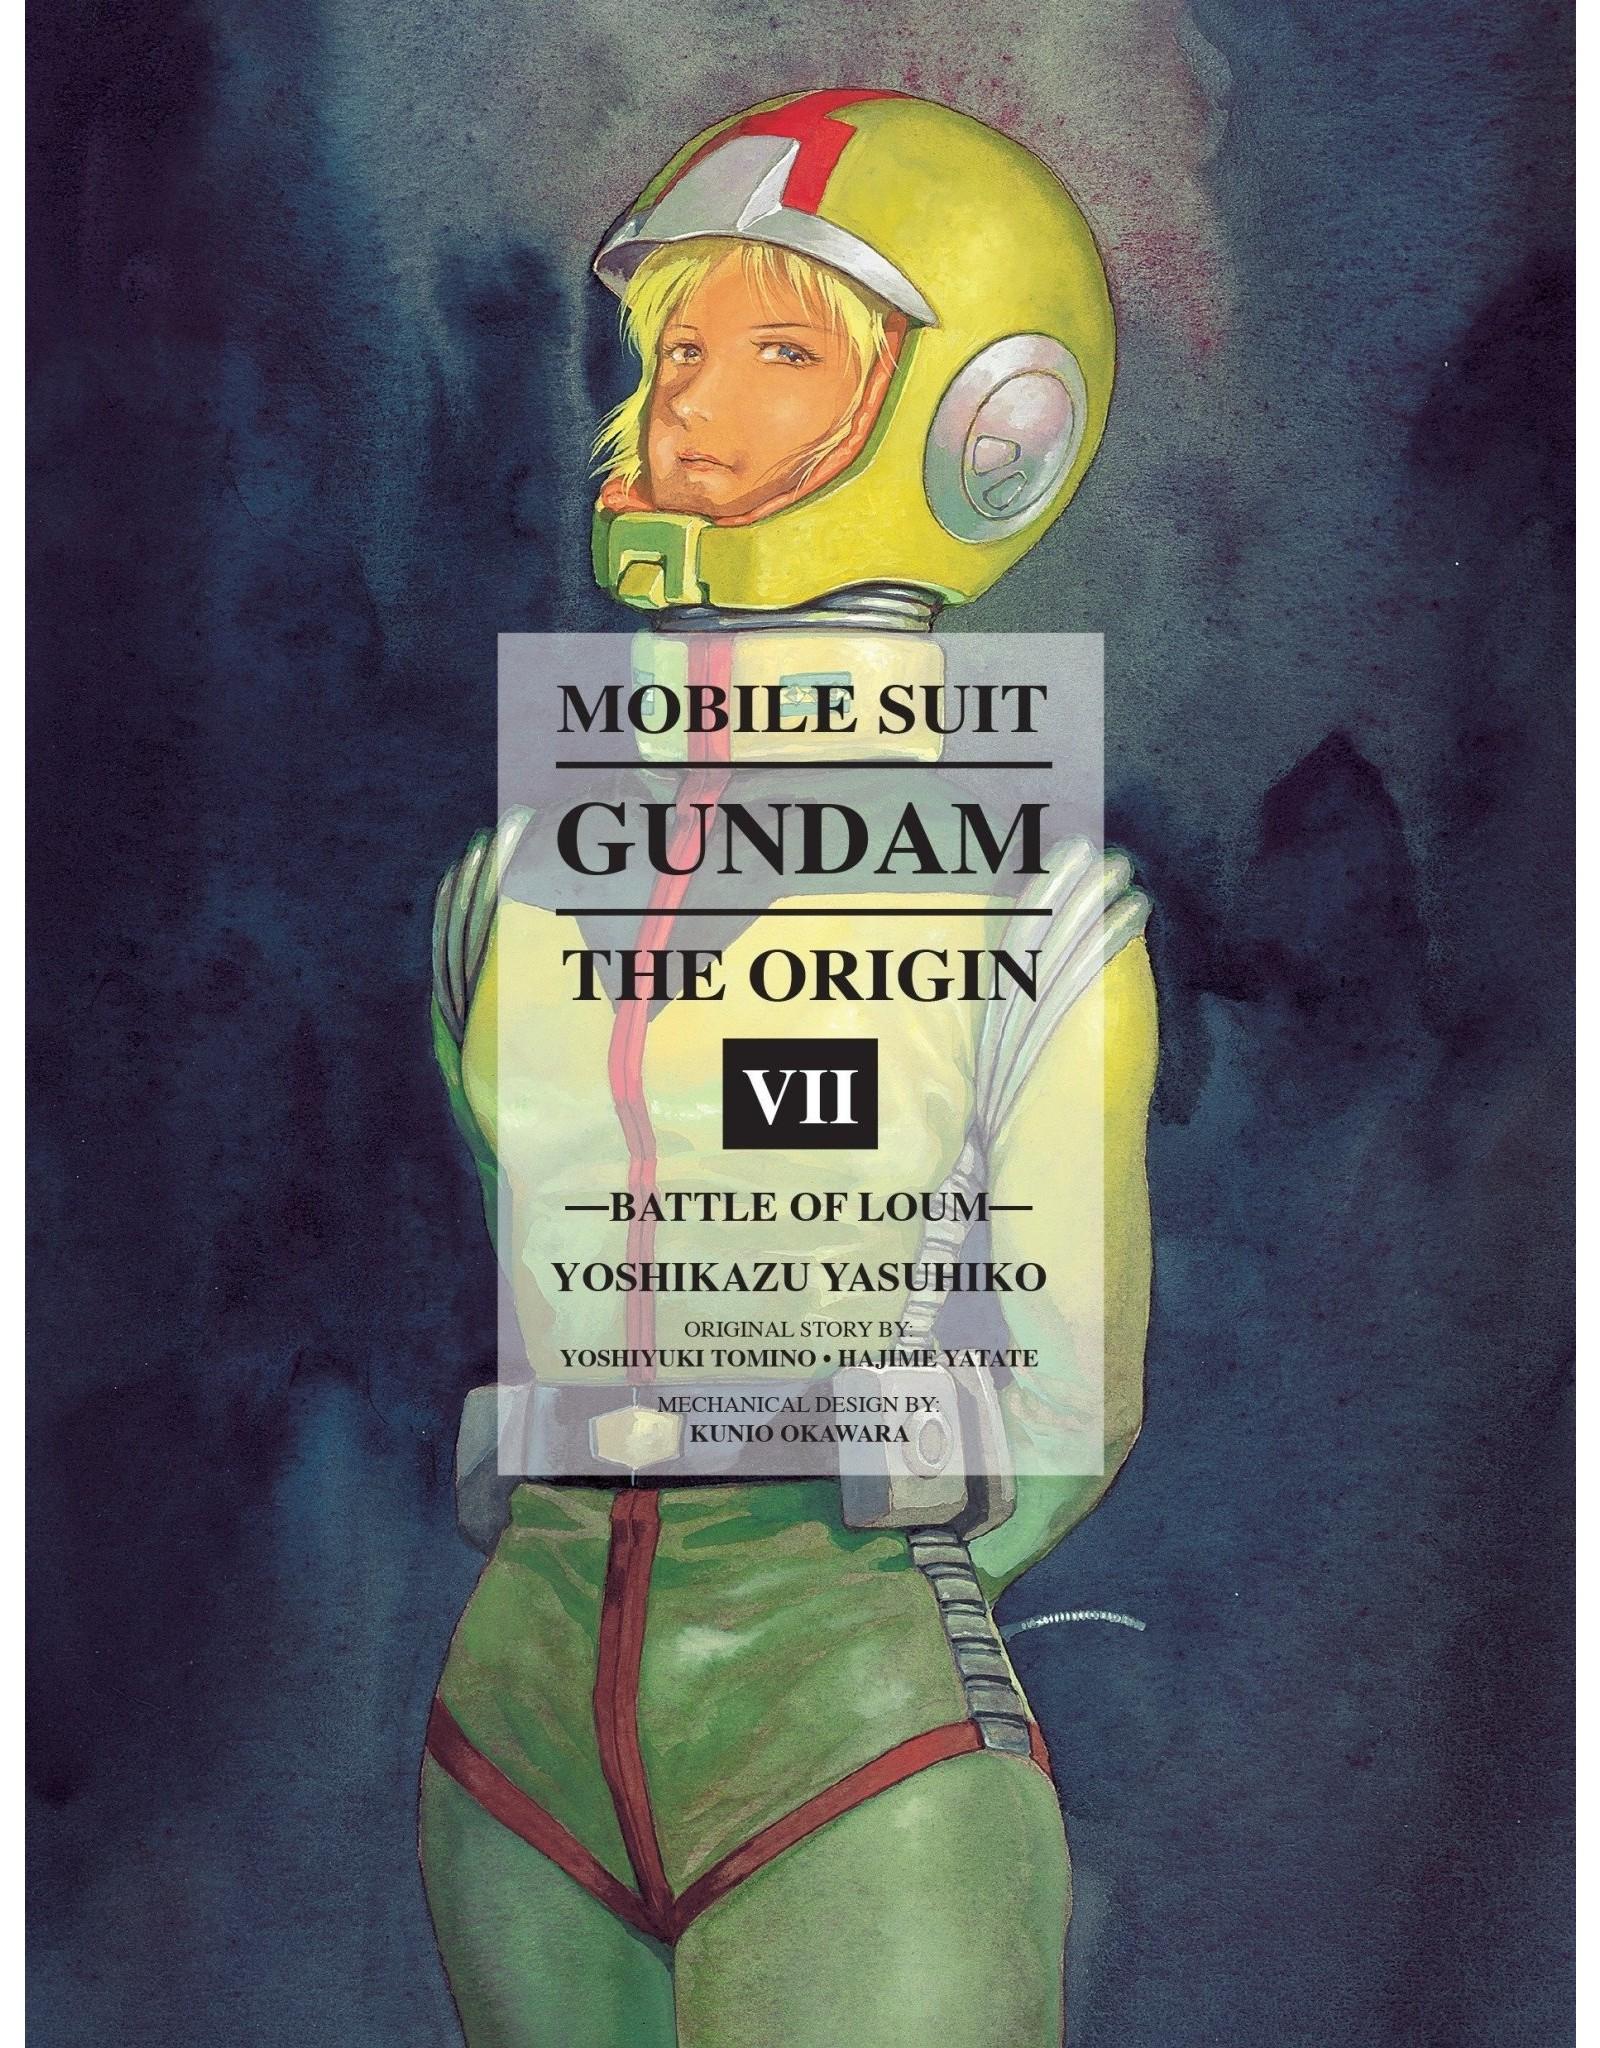 Mobile Suit Gundam: The Origin VII (Engelstalig)